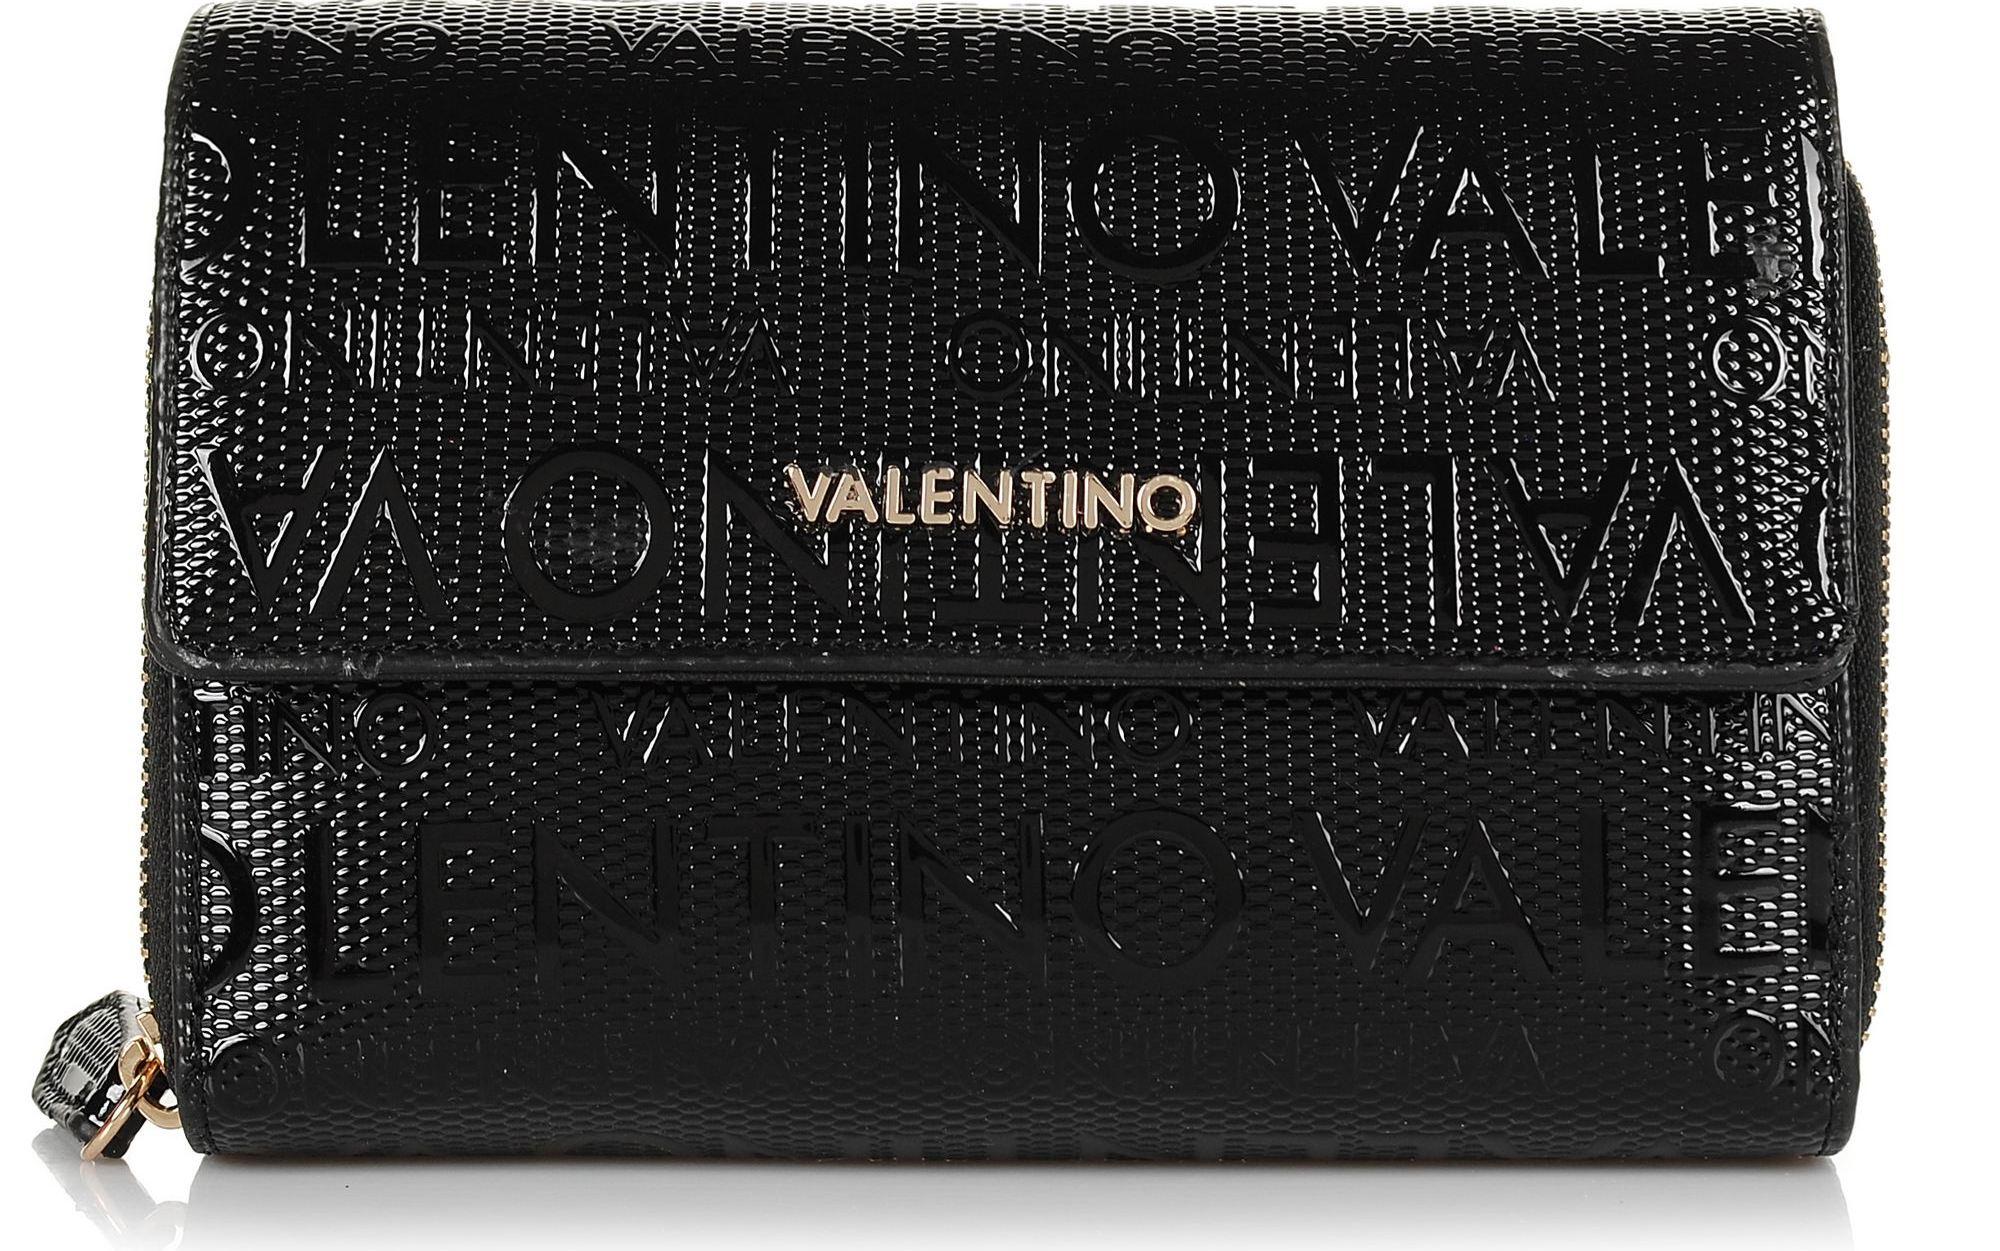 Πορτοφόλι Valentino Serenity VPS10M160